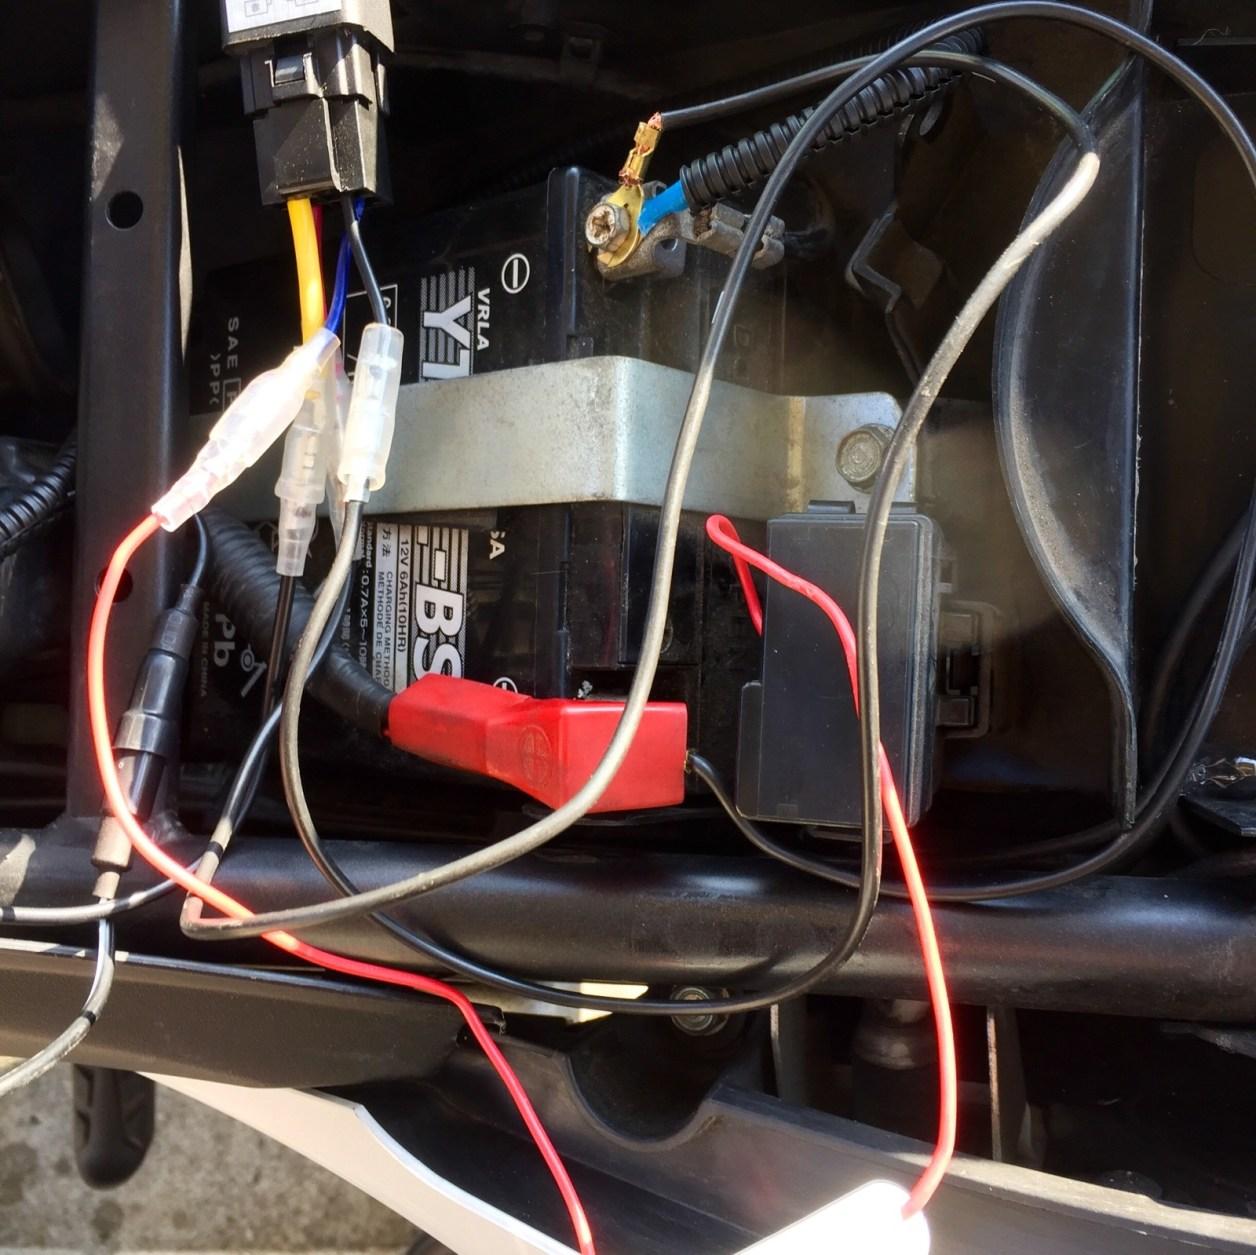 CBR250RにUSBポート回路を配線したところ